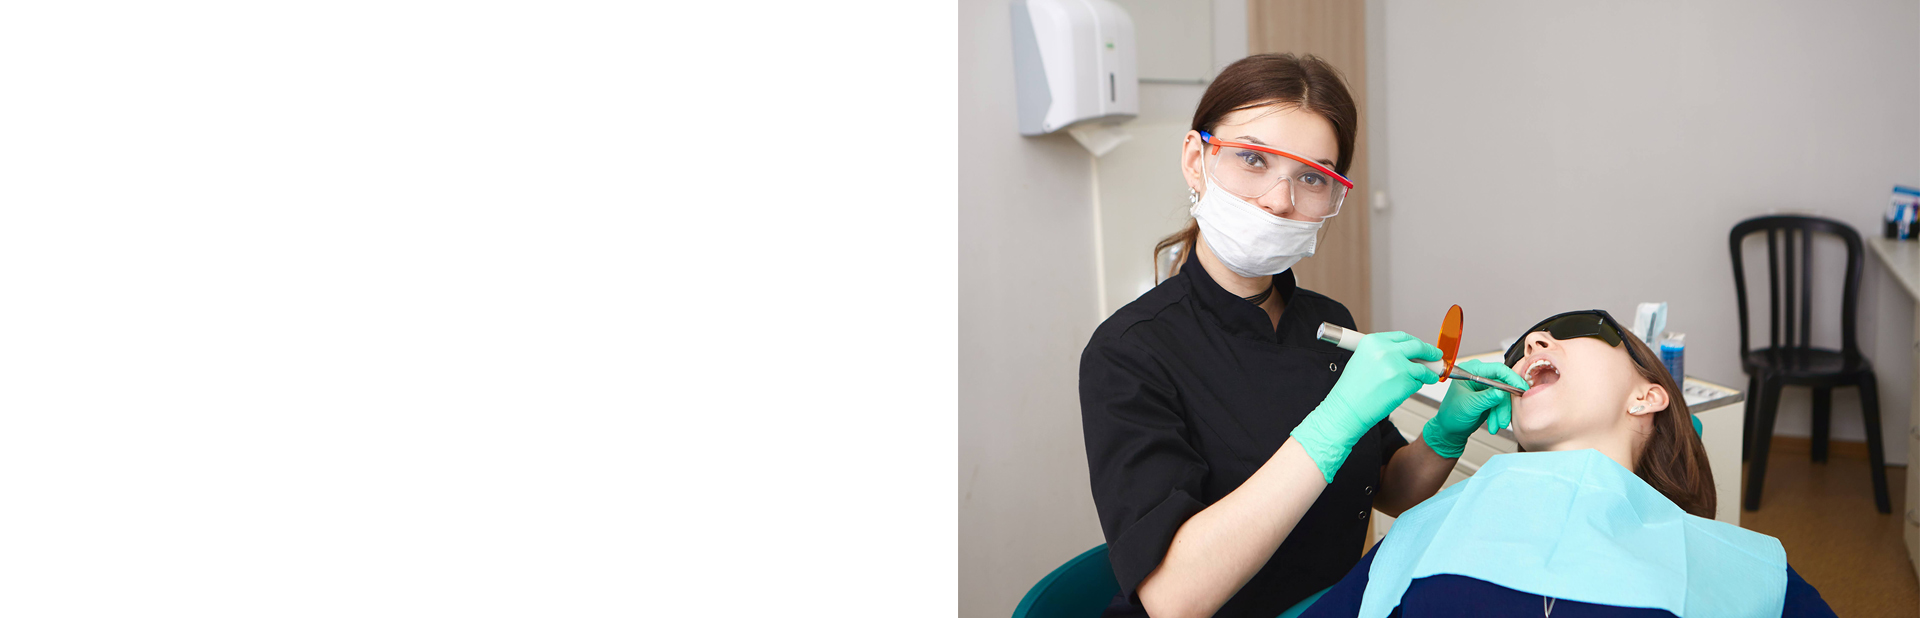 prescription safety goggles